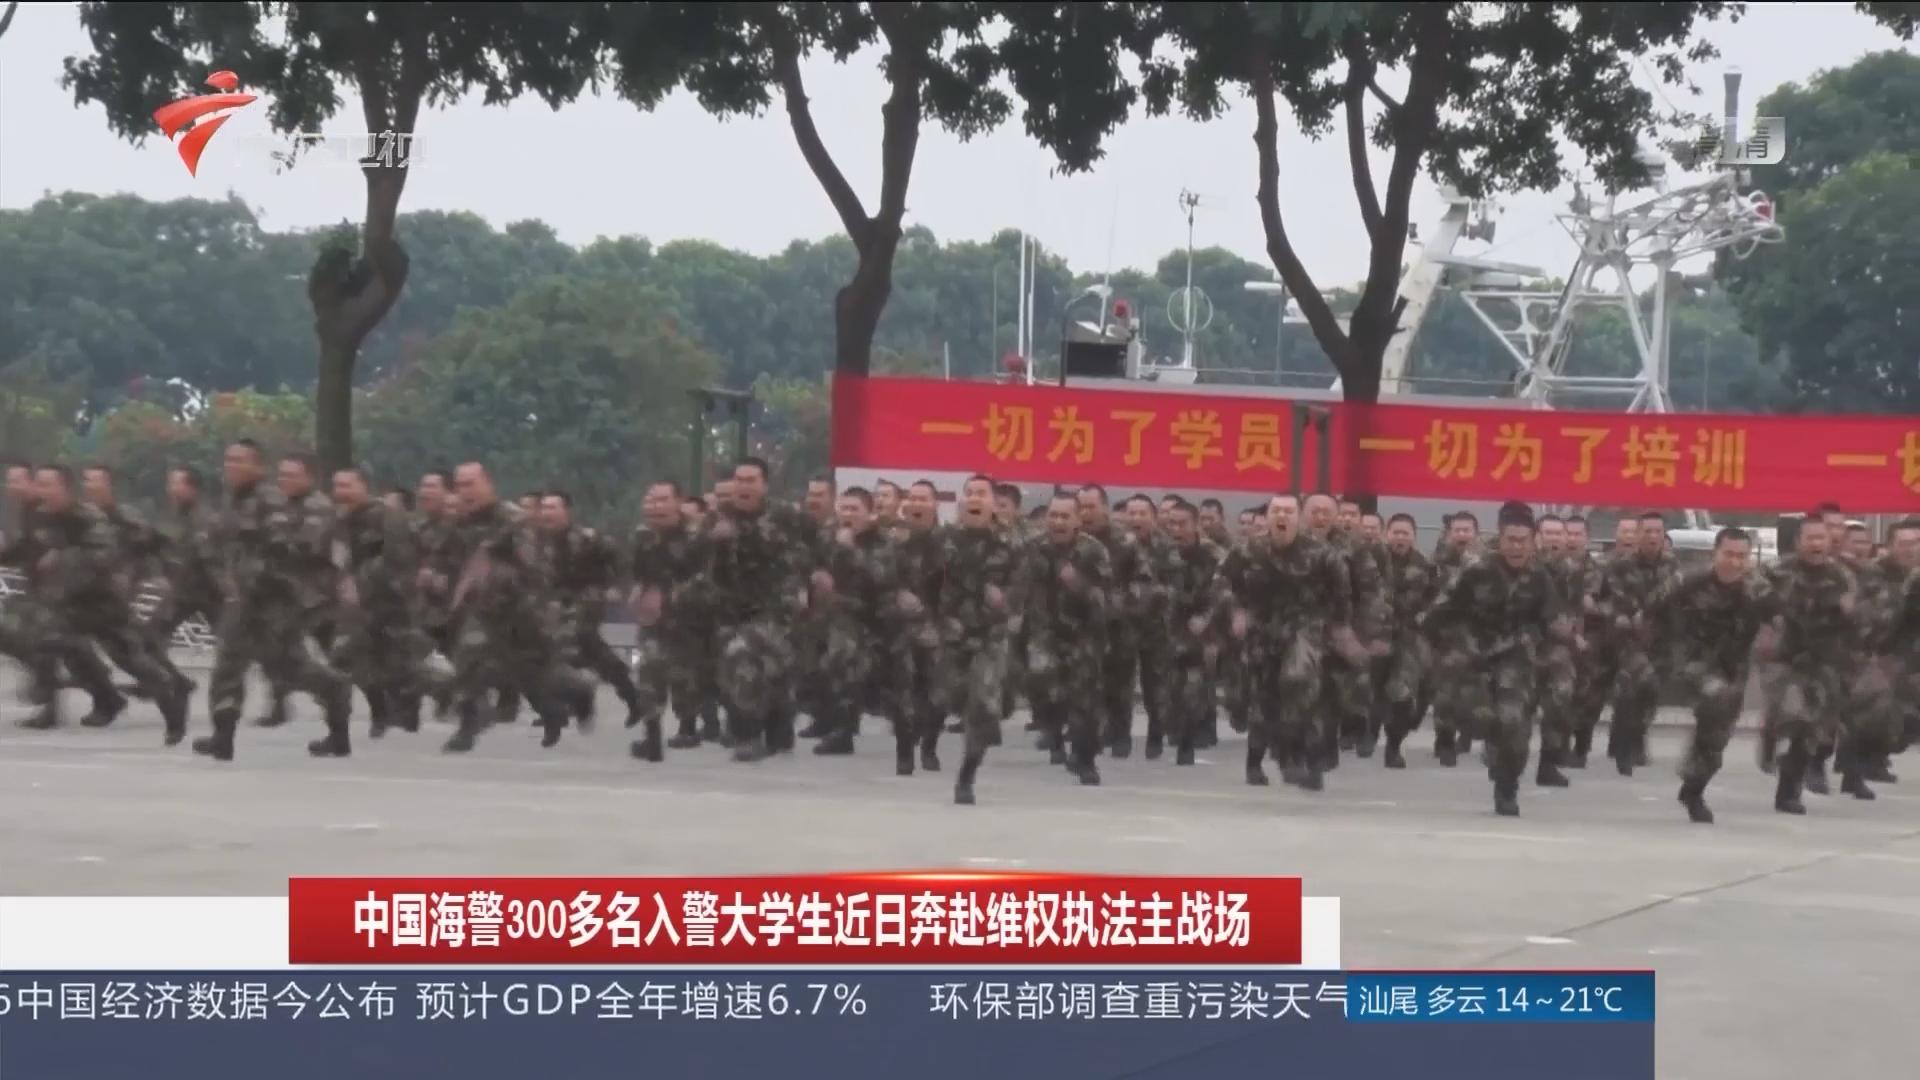 中国海警300多名入警大学生近日奔赴维权执法主战场